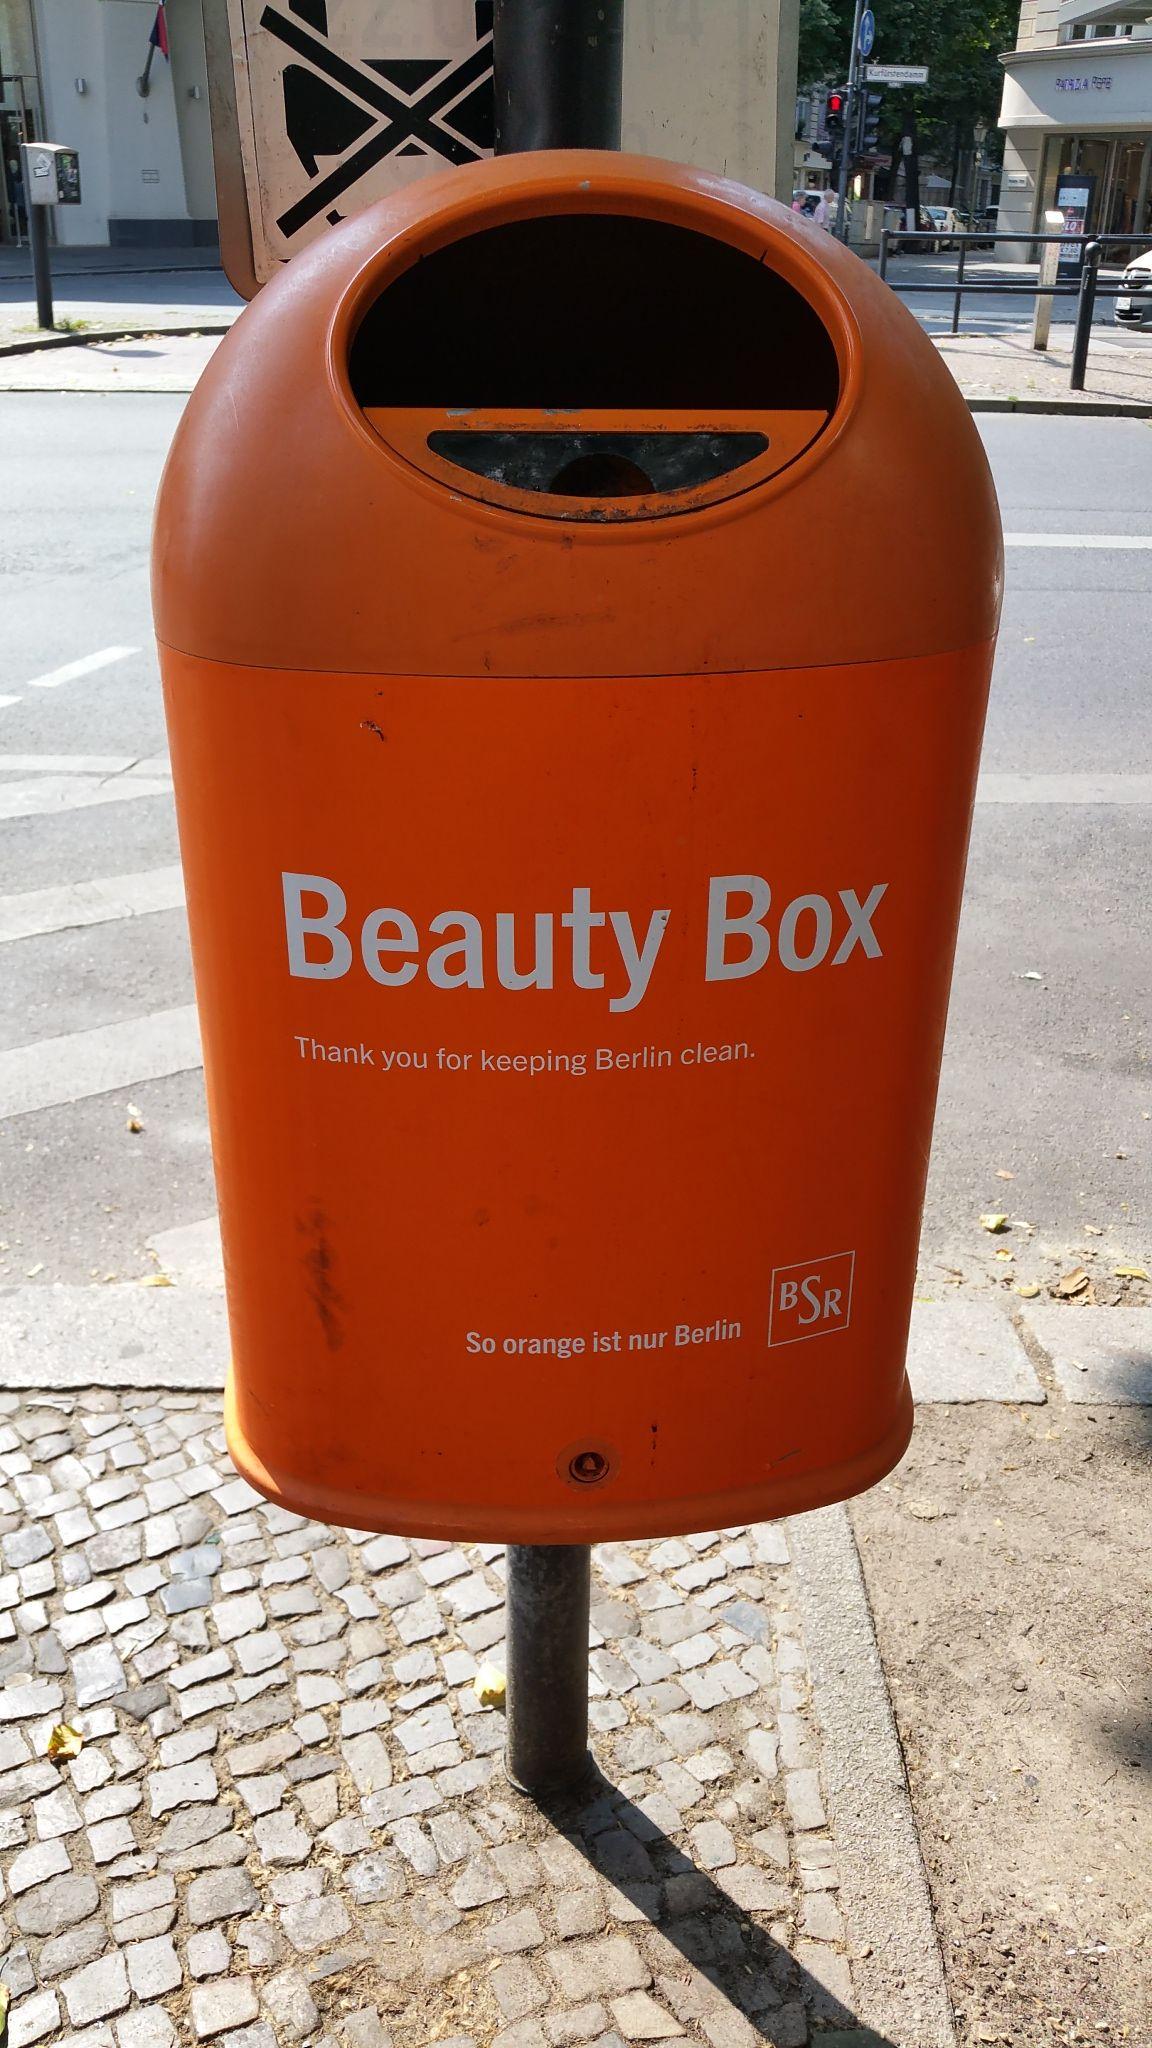 Beauty Box for your streetjewelry, Berlin, July 2015